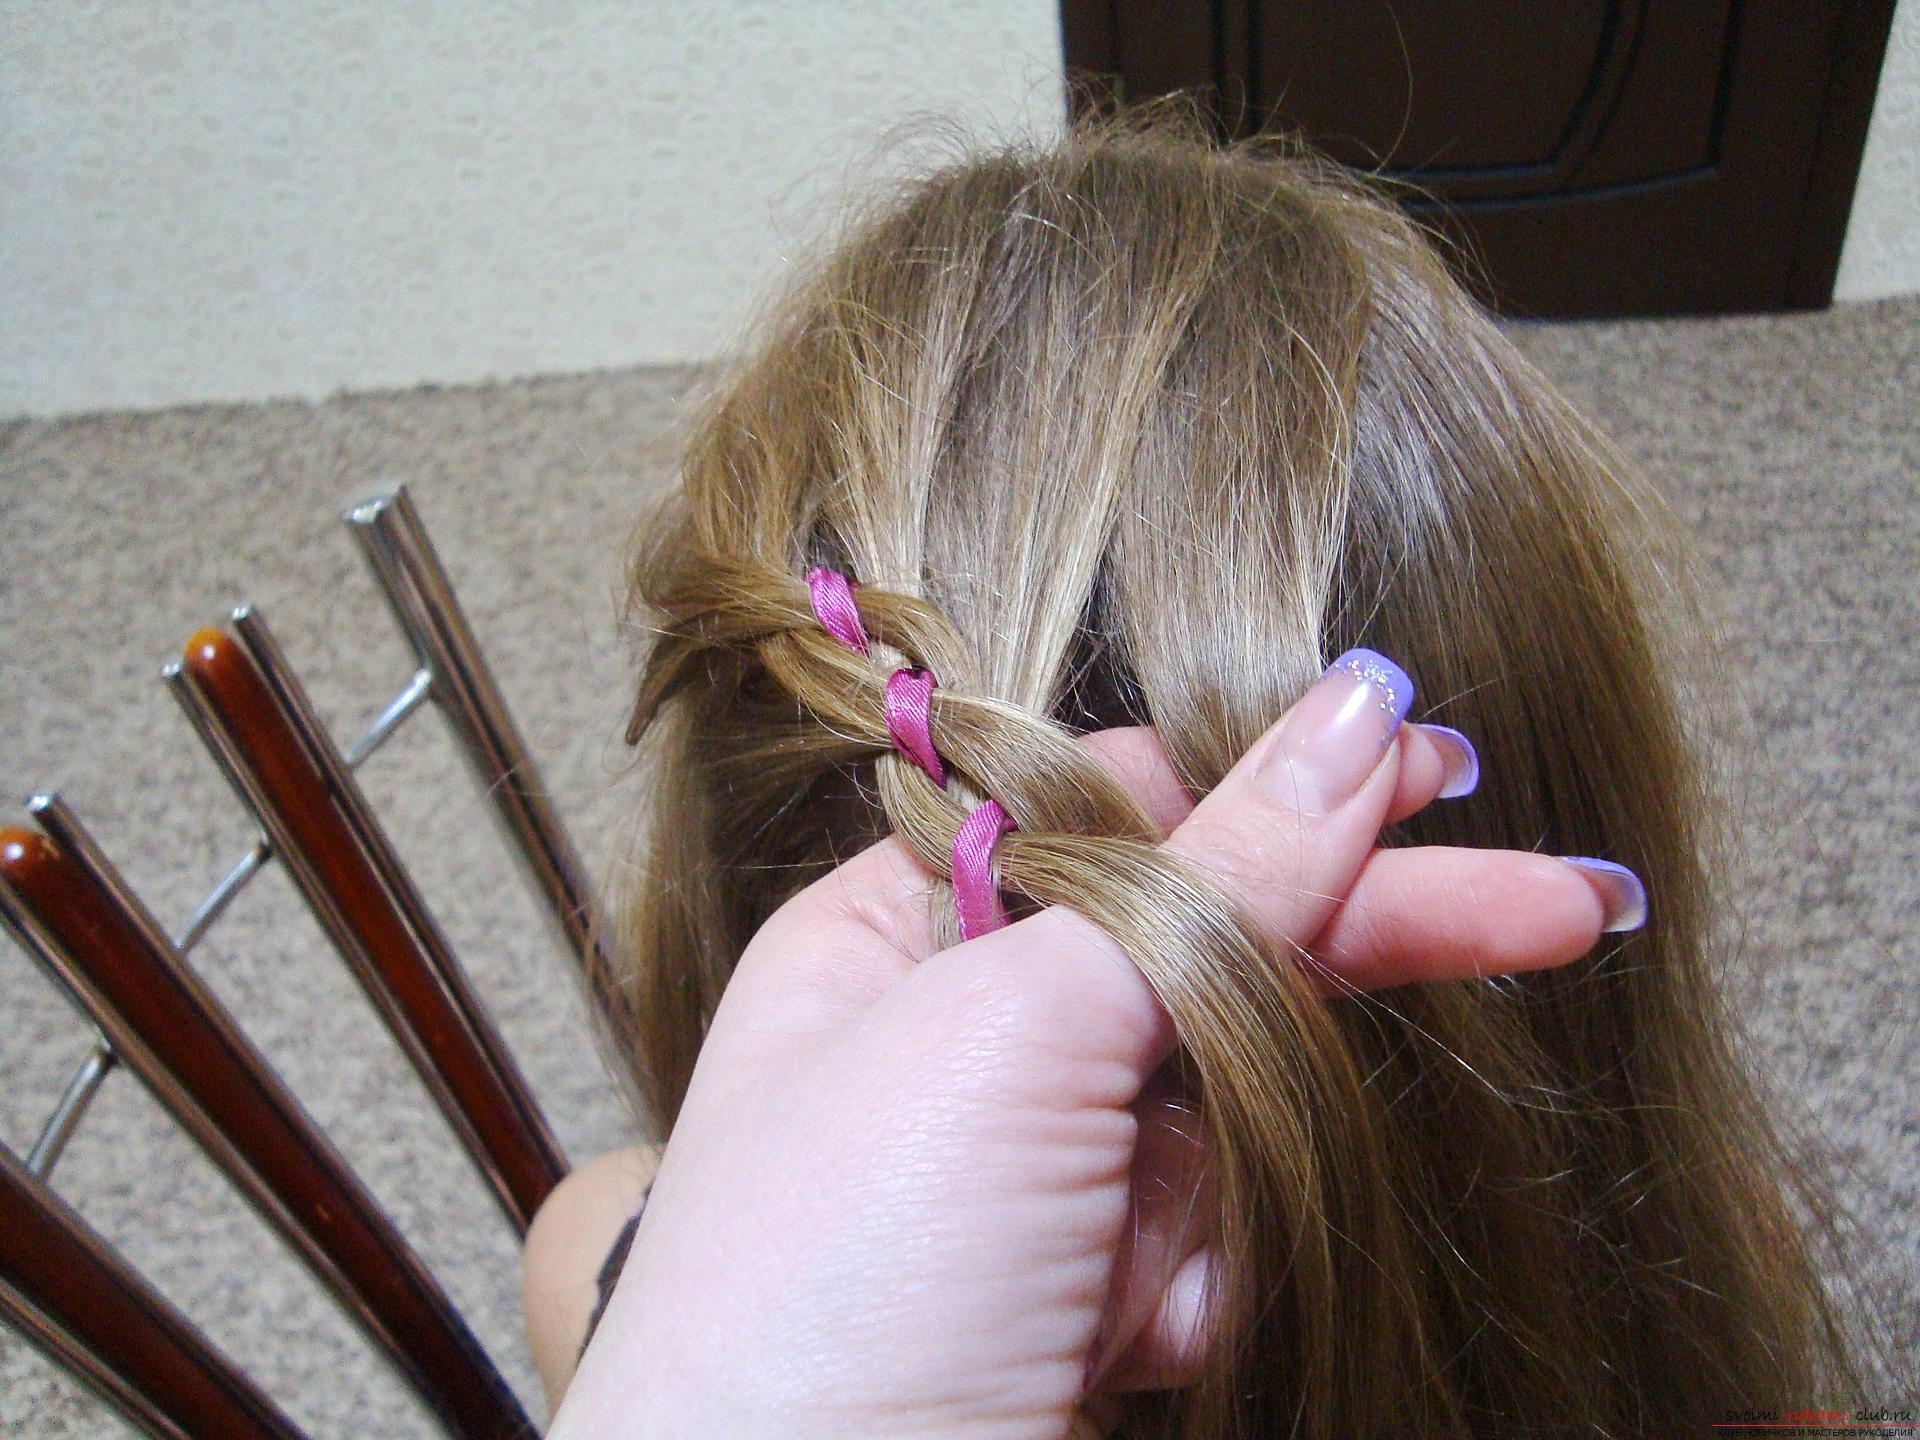 Подробная инструкция с фото и видео поможет создать красивую прическу дома.</p> </div> <p> Используя мастер-класс по прически можно своими руками создать удивительный образ для праздника.</p> <p> Коса, уложенная в цветок, сделает прическу на длинных волосах самой красивой.. Фото №8″/></p> <p>Из правой позиции прядь всегда перемещается вместе с добавленными волосами под четвертой частью и над второй условной прядкой (это будет лента) и встает на позицию под номером два.</p> <p><div style=